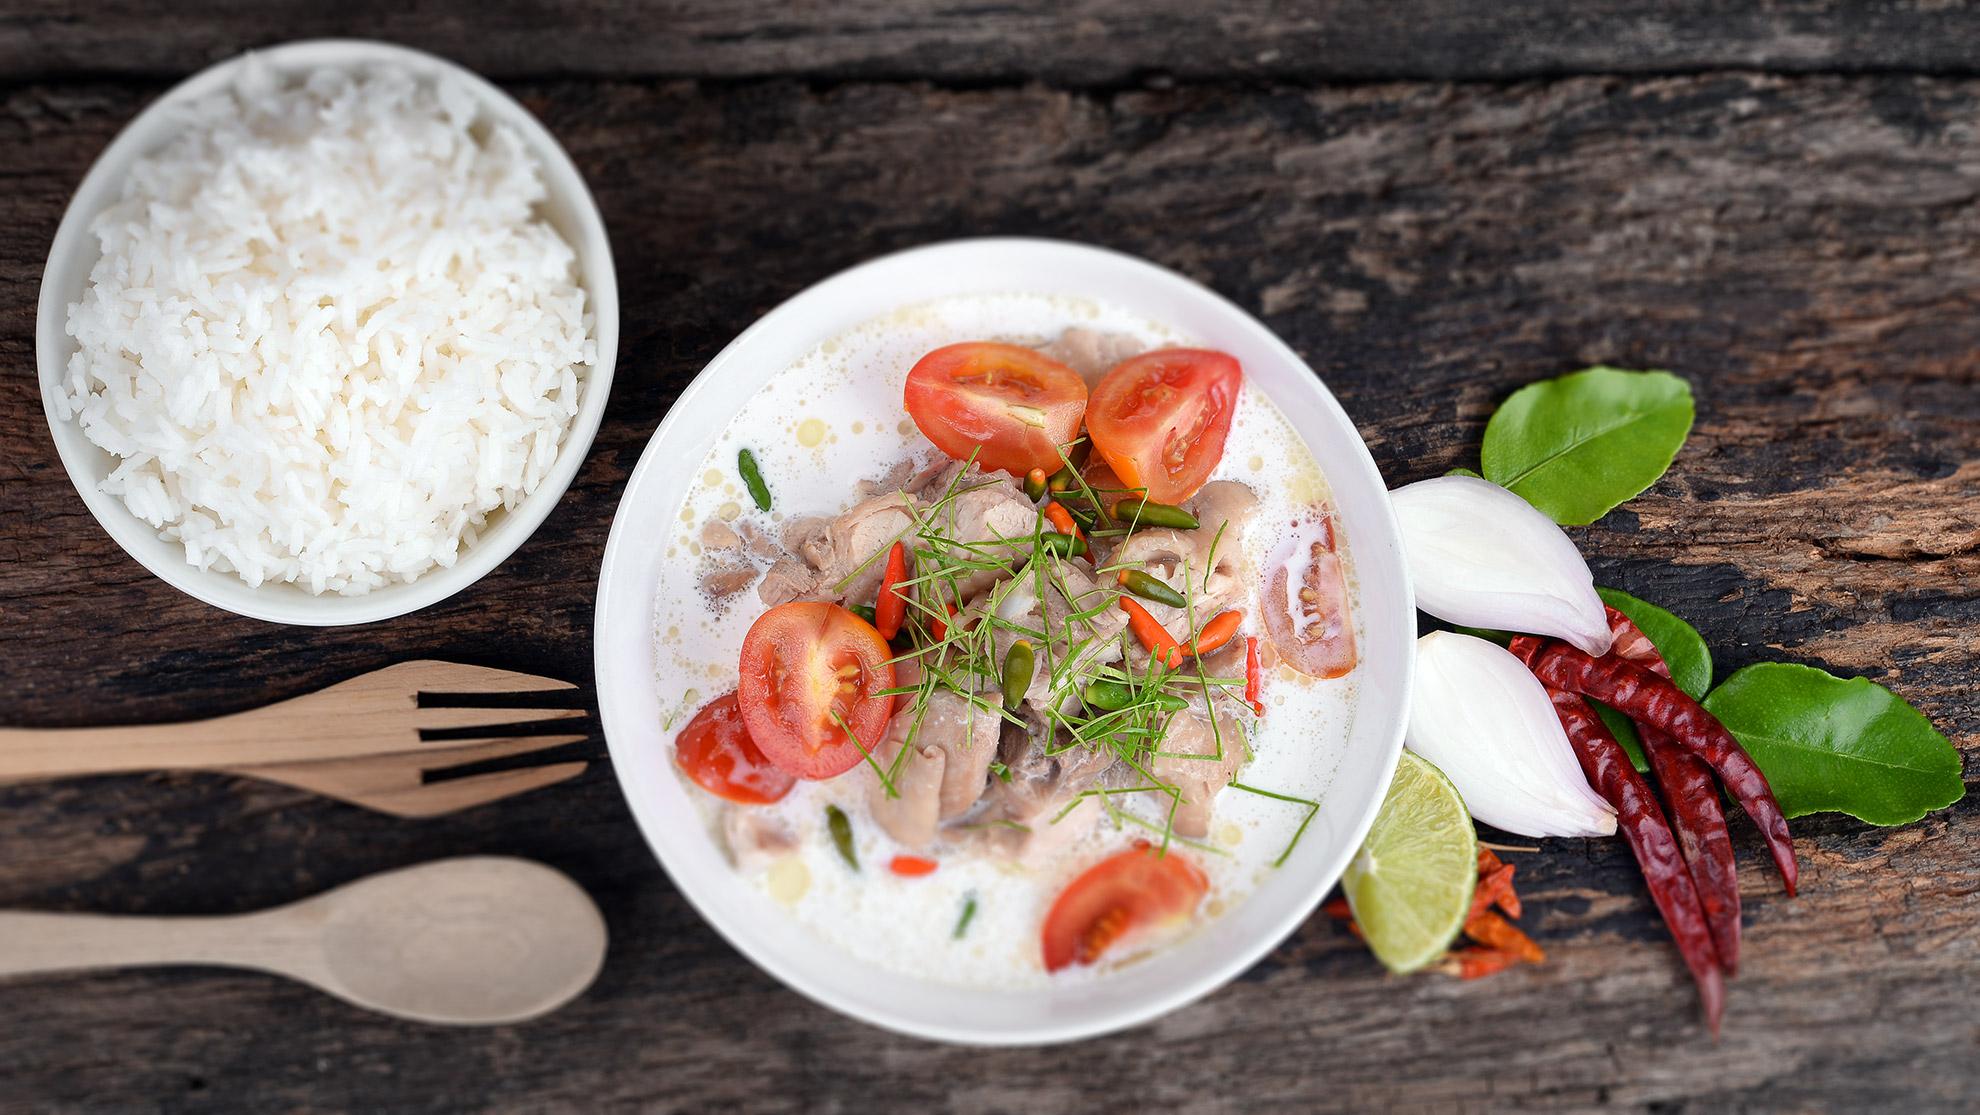 Das beste thailändische Restaurant in Mae Nam, Koh Samui - Poom's Place Thai Cuisine Samui